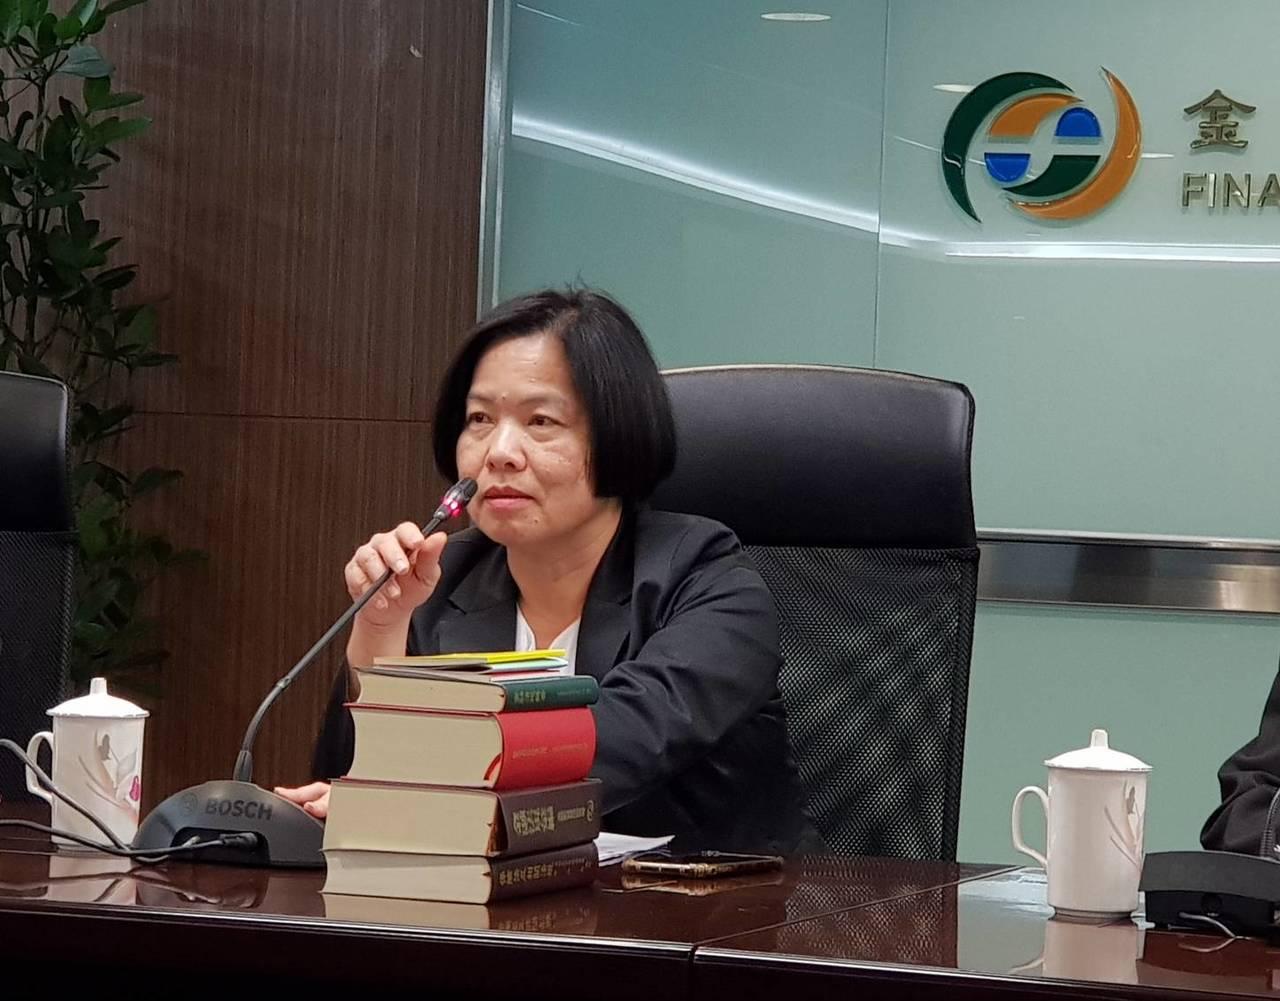 保險局局長施瓊華說,考量南山人壽資產規模及業務龐大,經評估後擋下該人事案。記者戴...